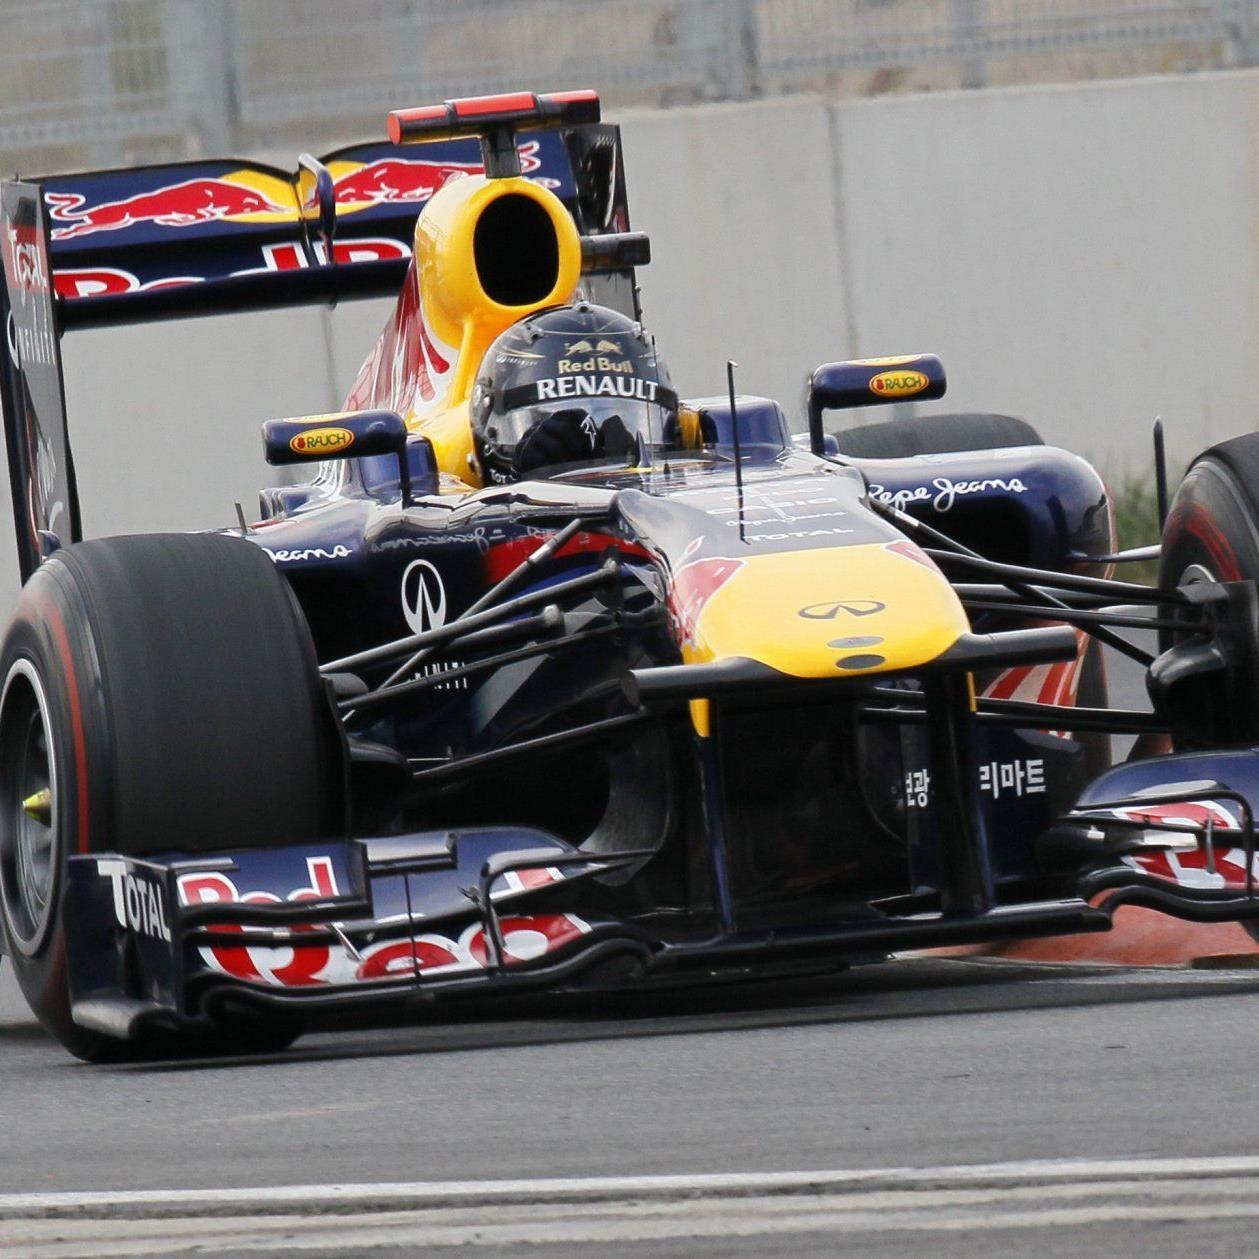 Weltmeister Sebastian Vettel dominierte das Rennen in Südkorea.